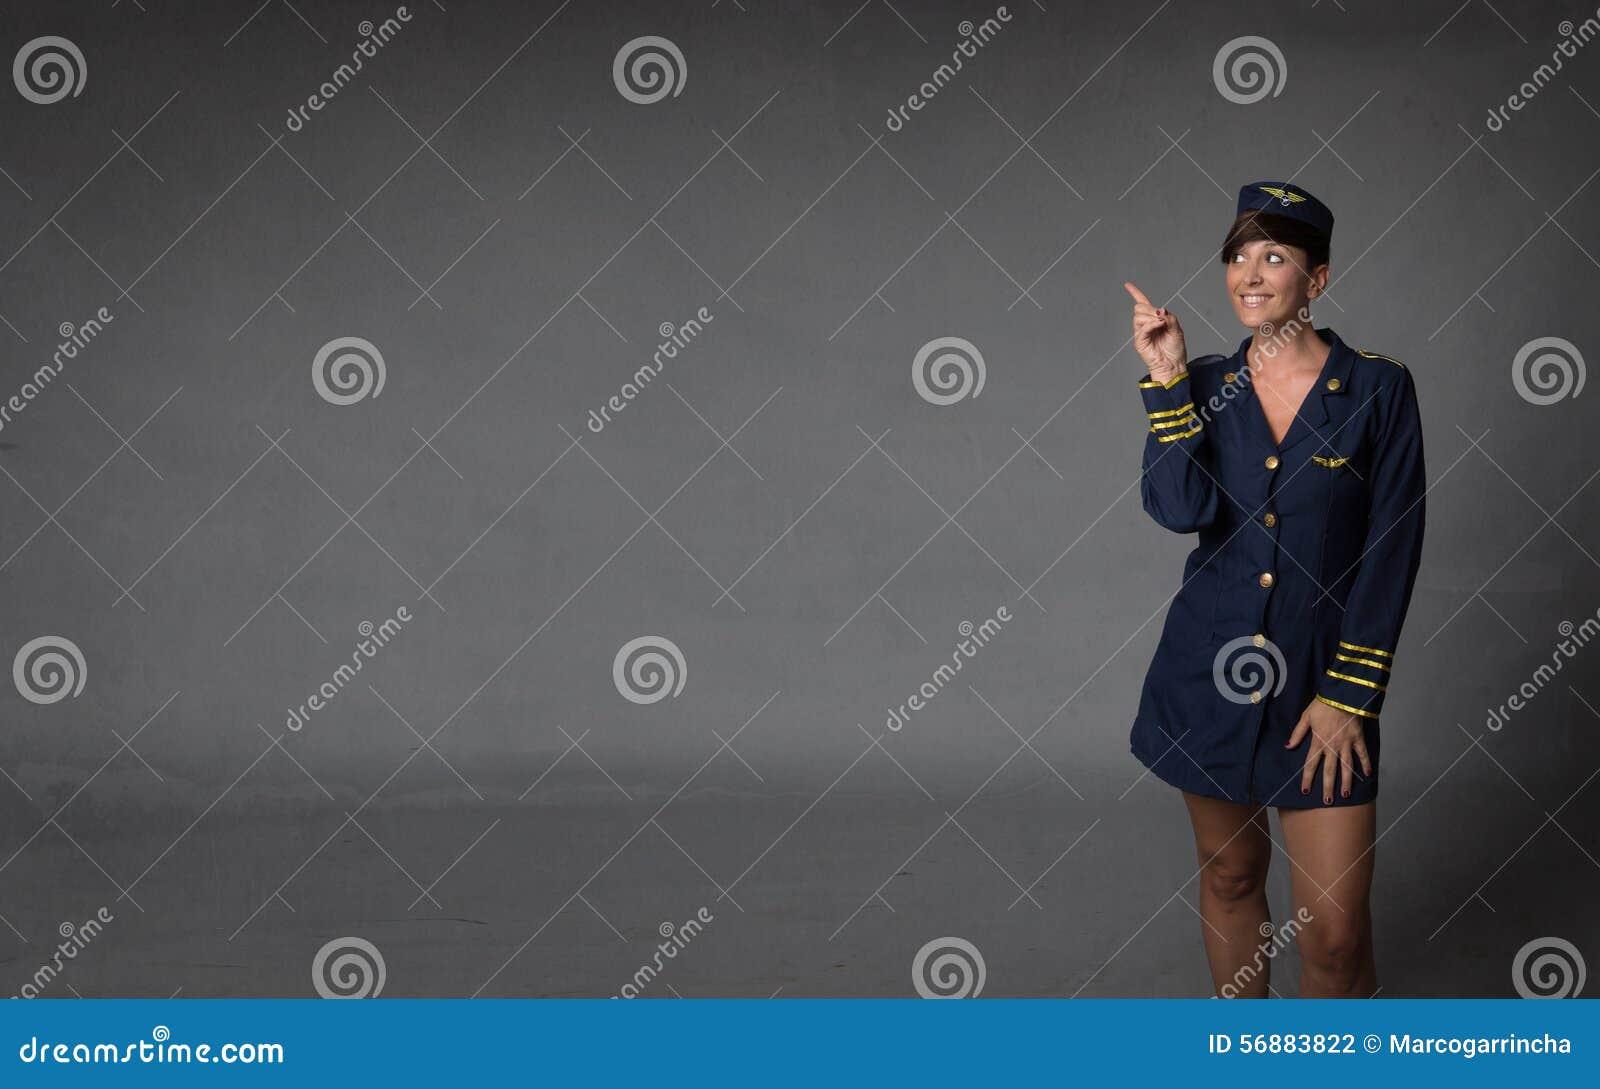 Presentadora indicada con el finger